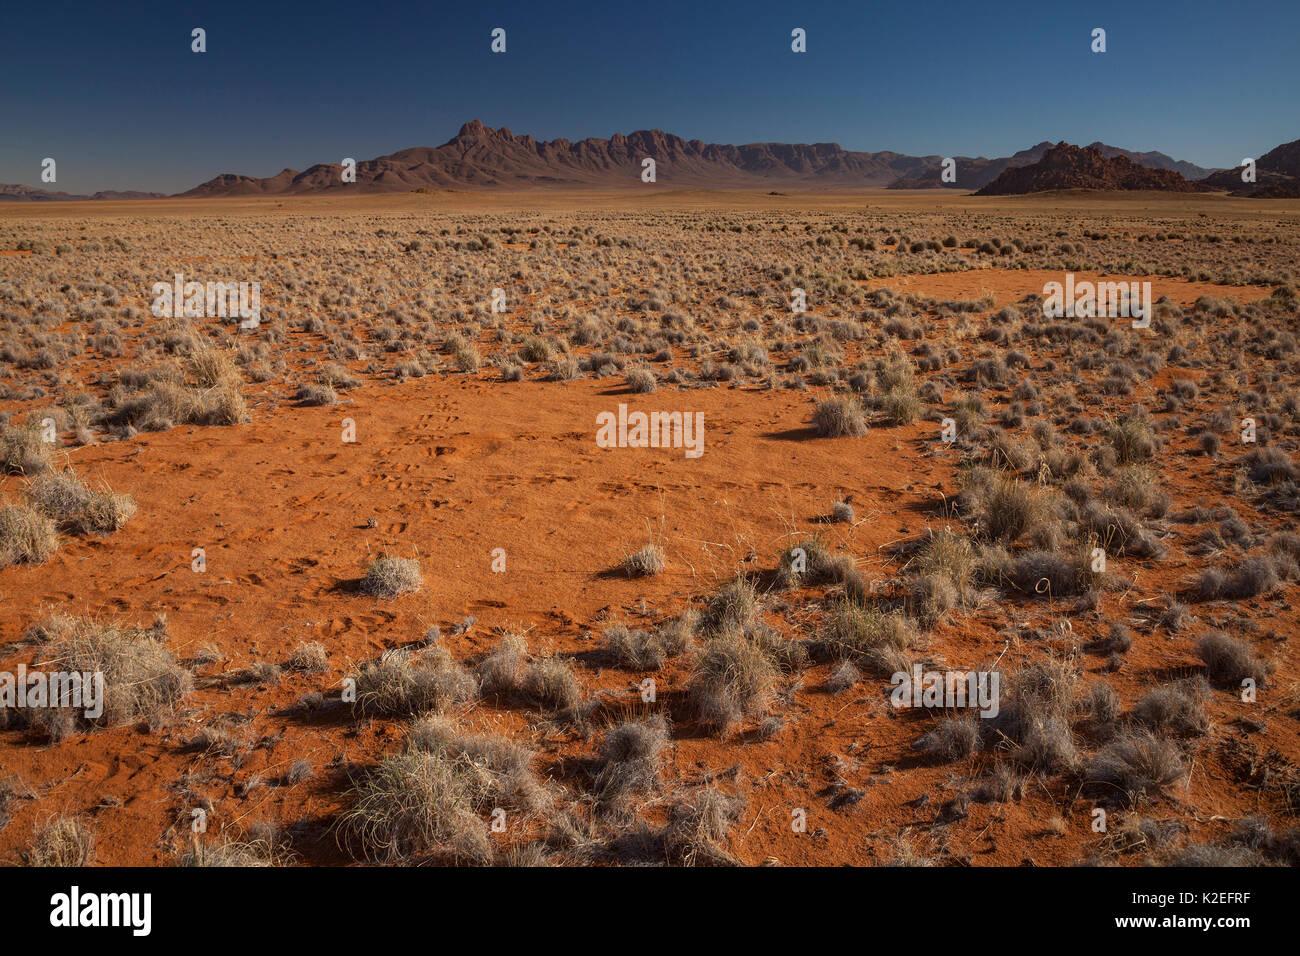 Fairy Kreis in der Wüste Namib, Namibia. Es hat vor kurzem festgestellt, dass diese Muster durch eine Mischung von Termiten verursacht werden, in Kombination mit der Aktion der Gräser im Wettbewerb um Wasser. Stockbild